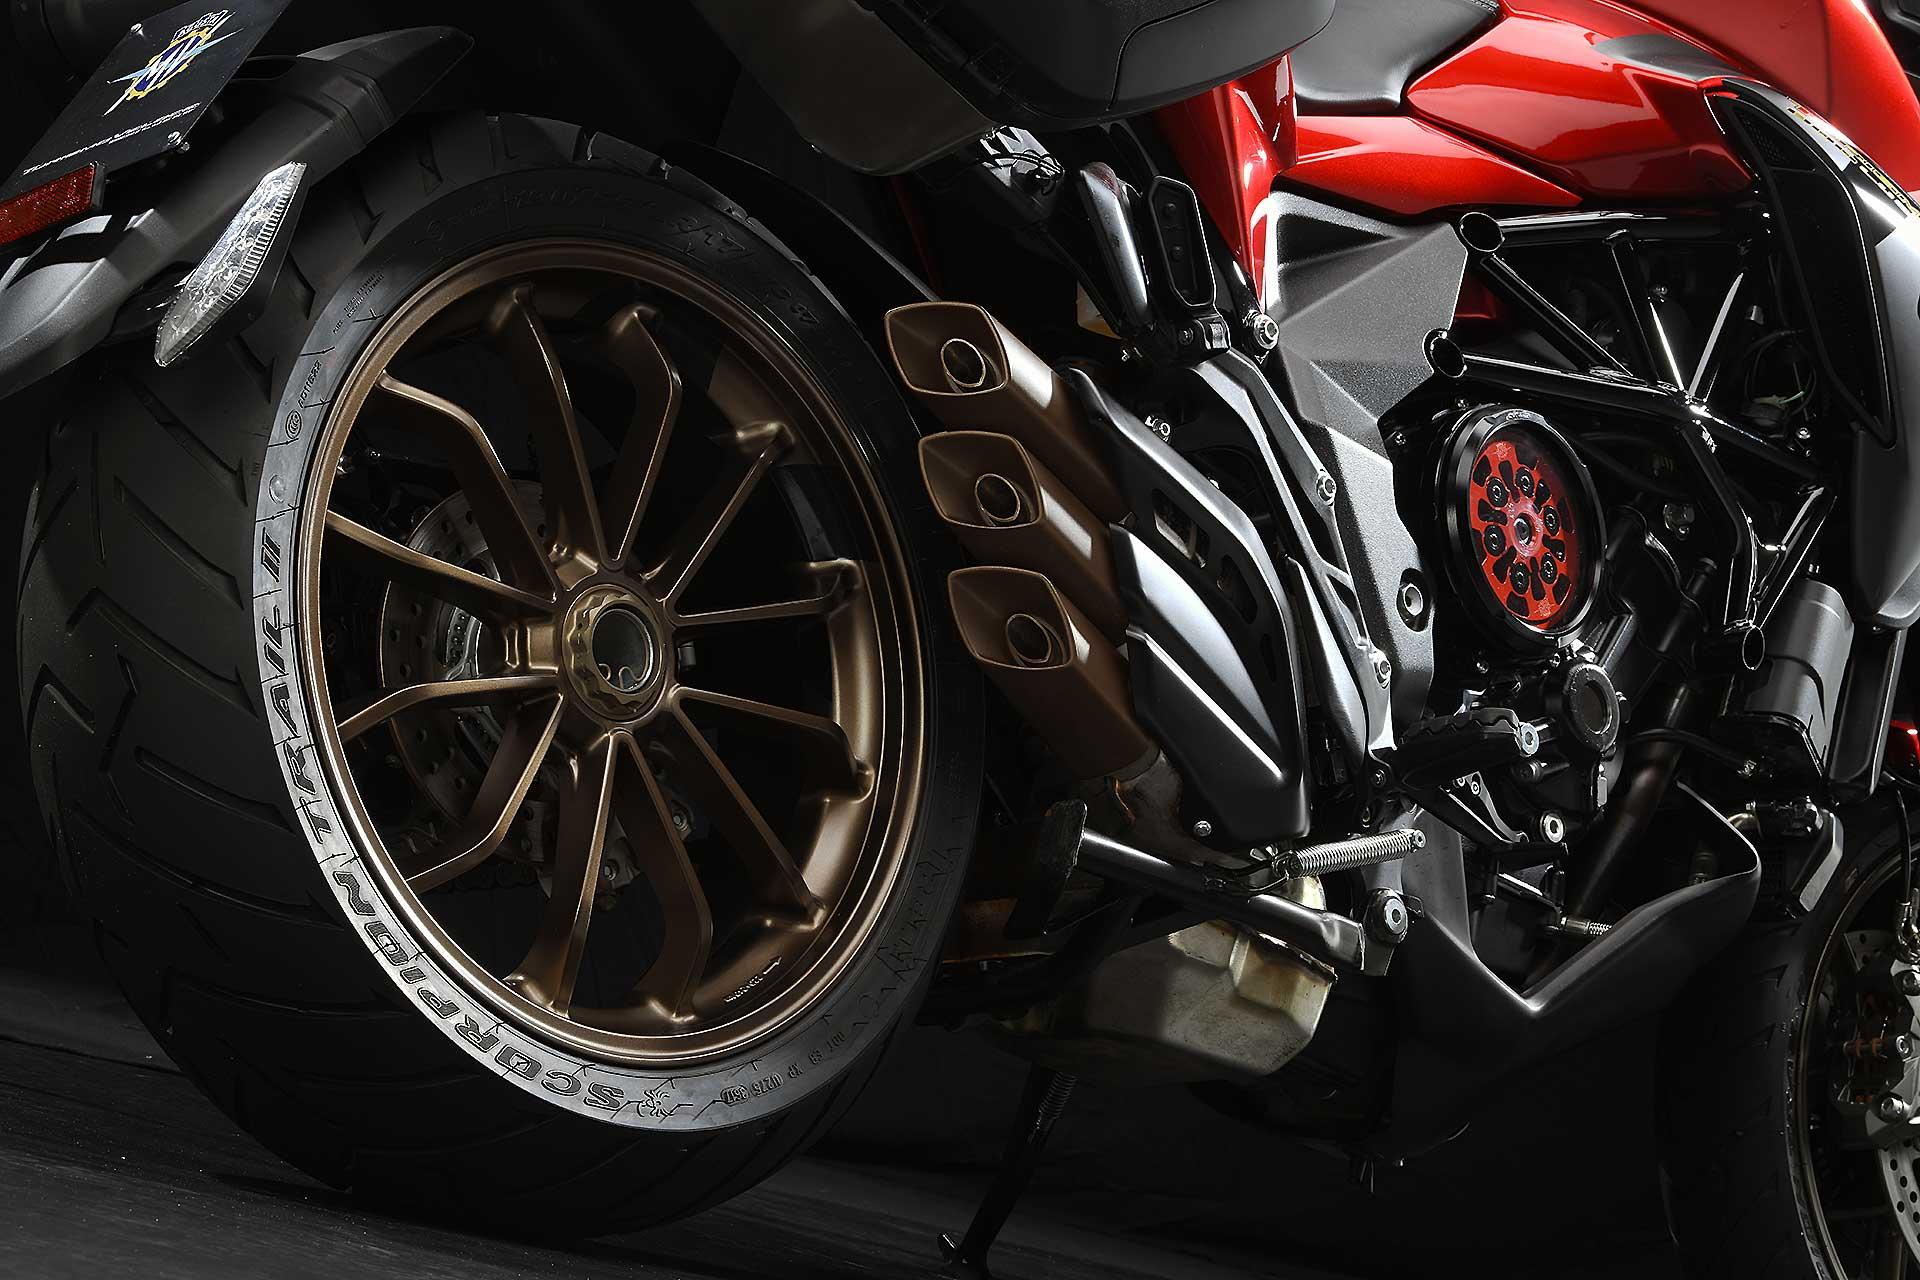 MV Agusta Turismo Veloce Lusso SCS rossa dettaglio triplo scarico